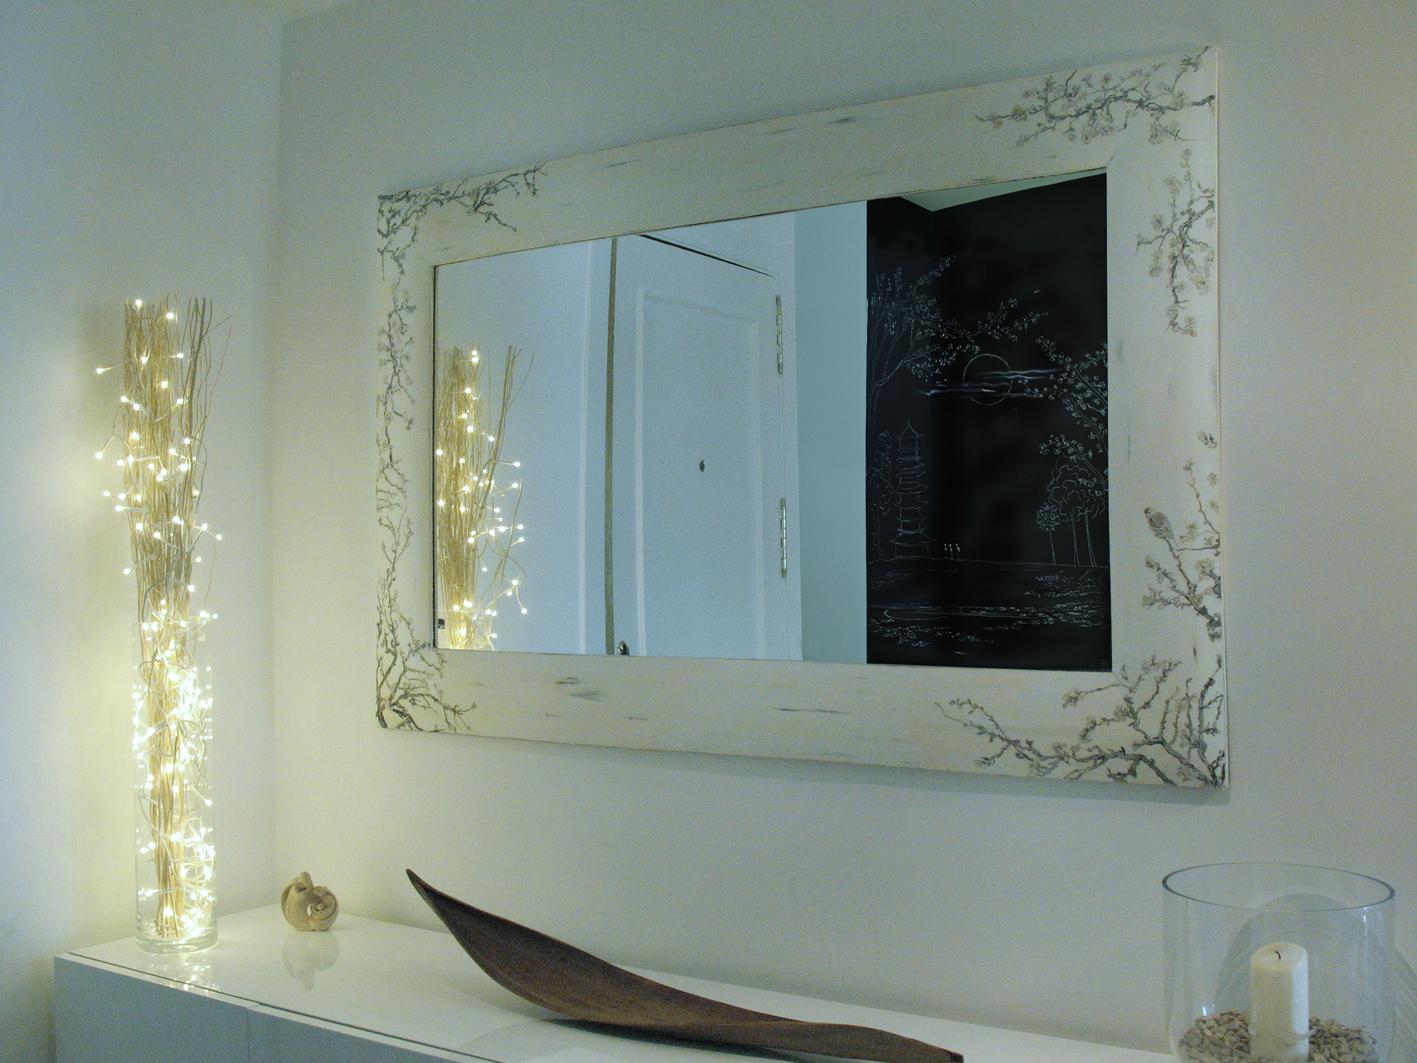 Customizaci n de muebles taller y medio for Pintar marco espejo